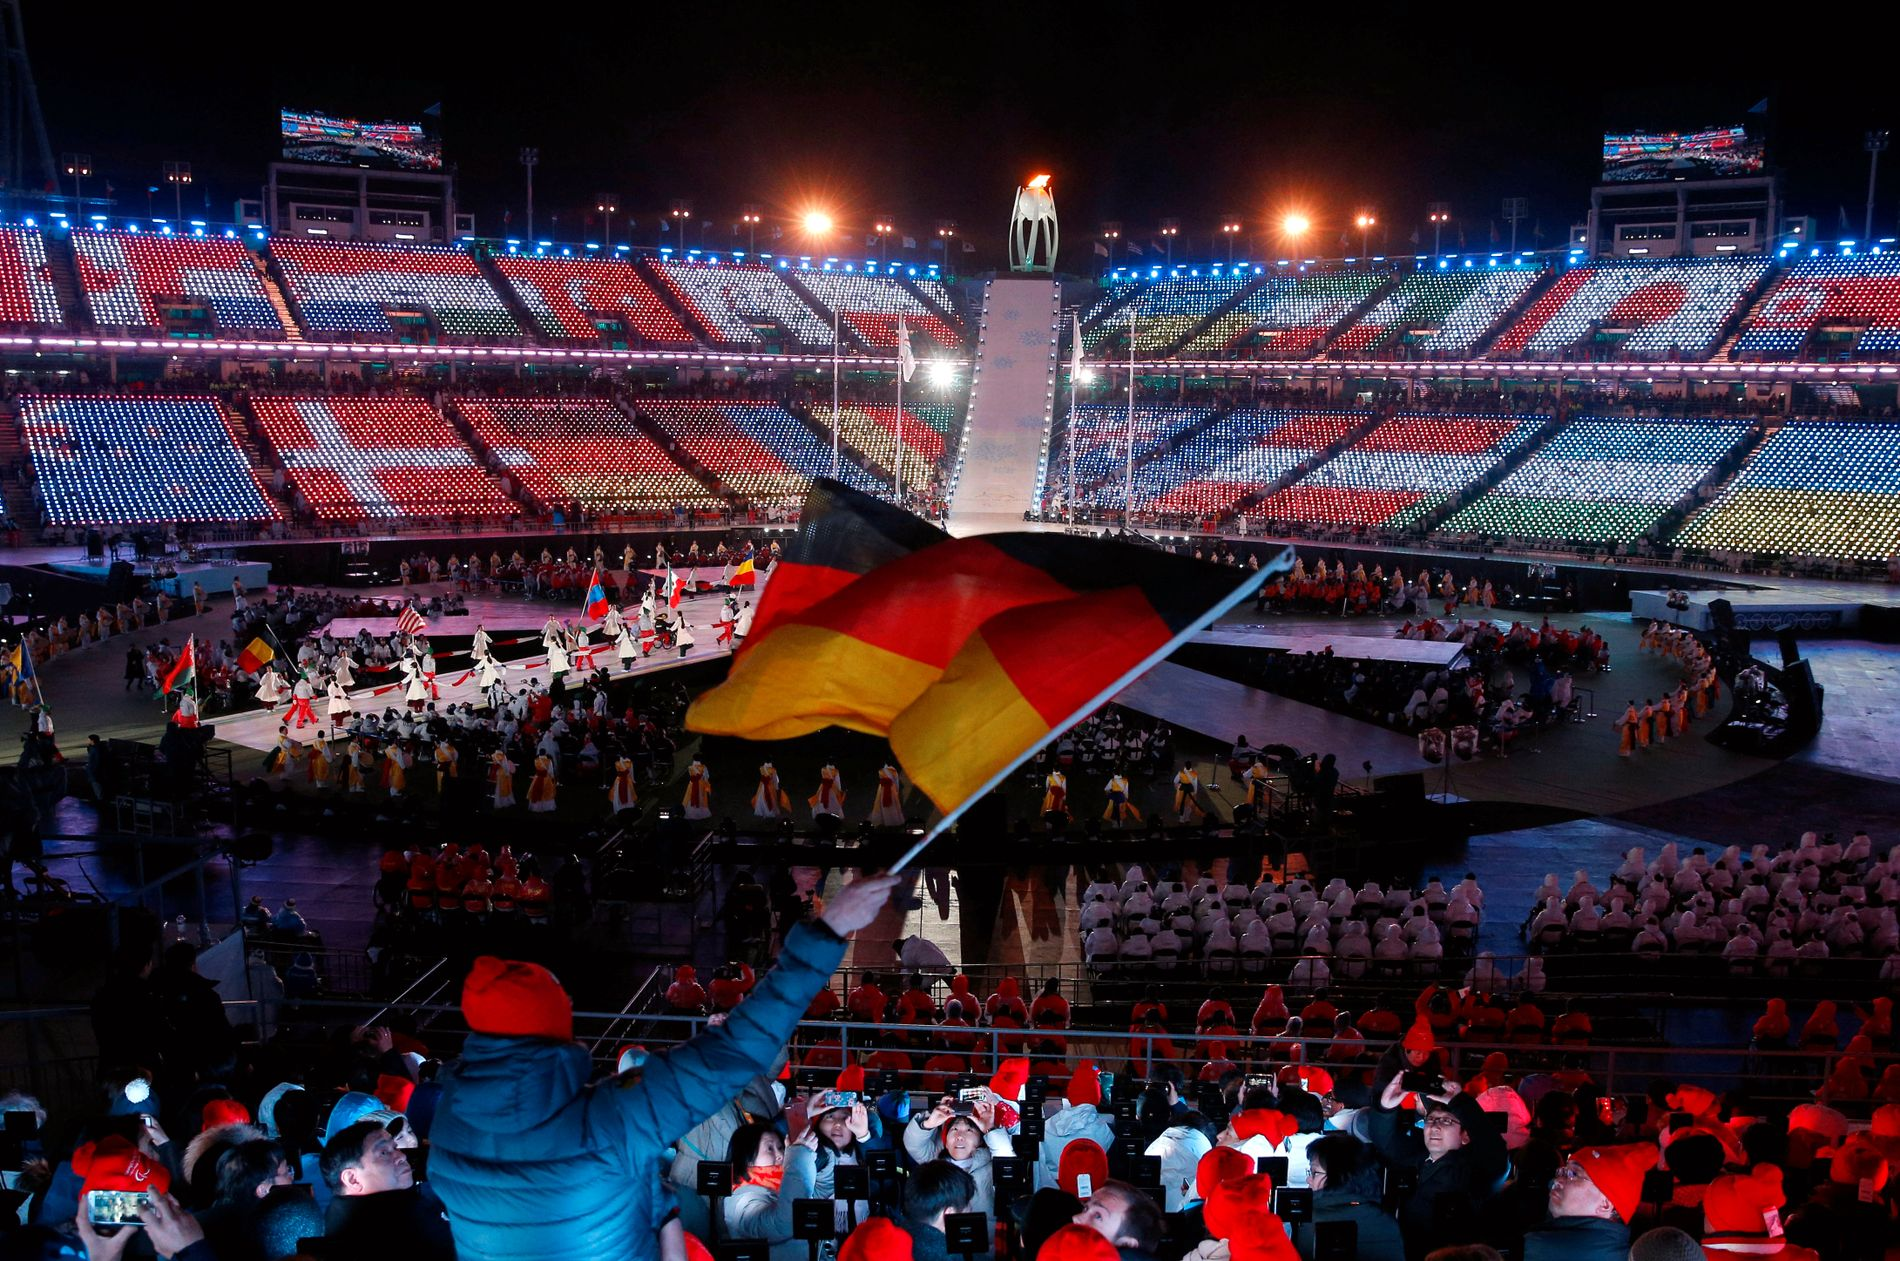 FIRE GANGERS BRUK – OG VEKK ME'N: 800 millioner kroner kostet anlegget som kun ble brukt til å åpne og lukke OL og Paralympics, før det skal rives.